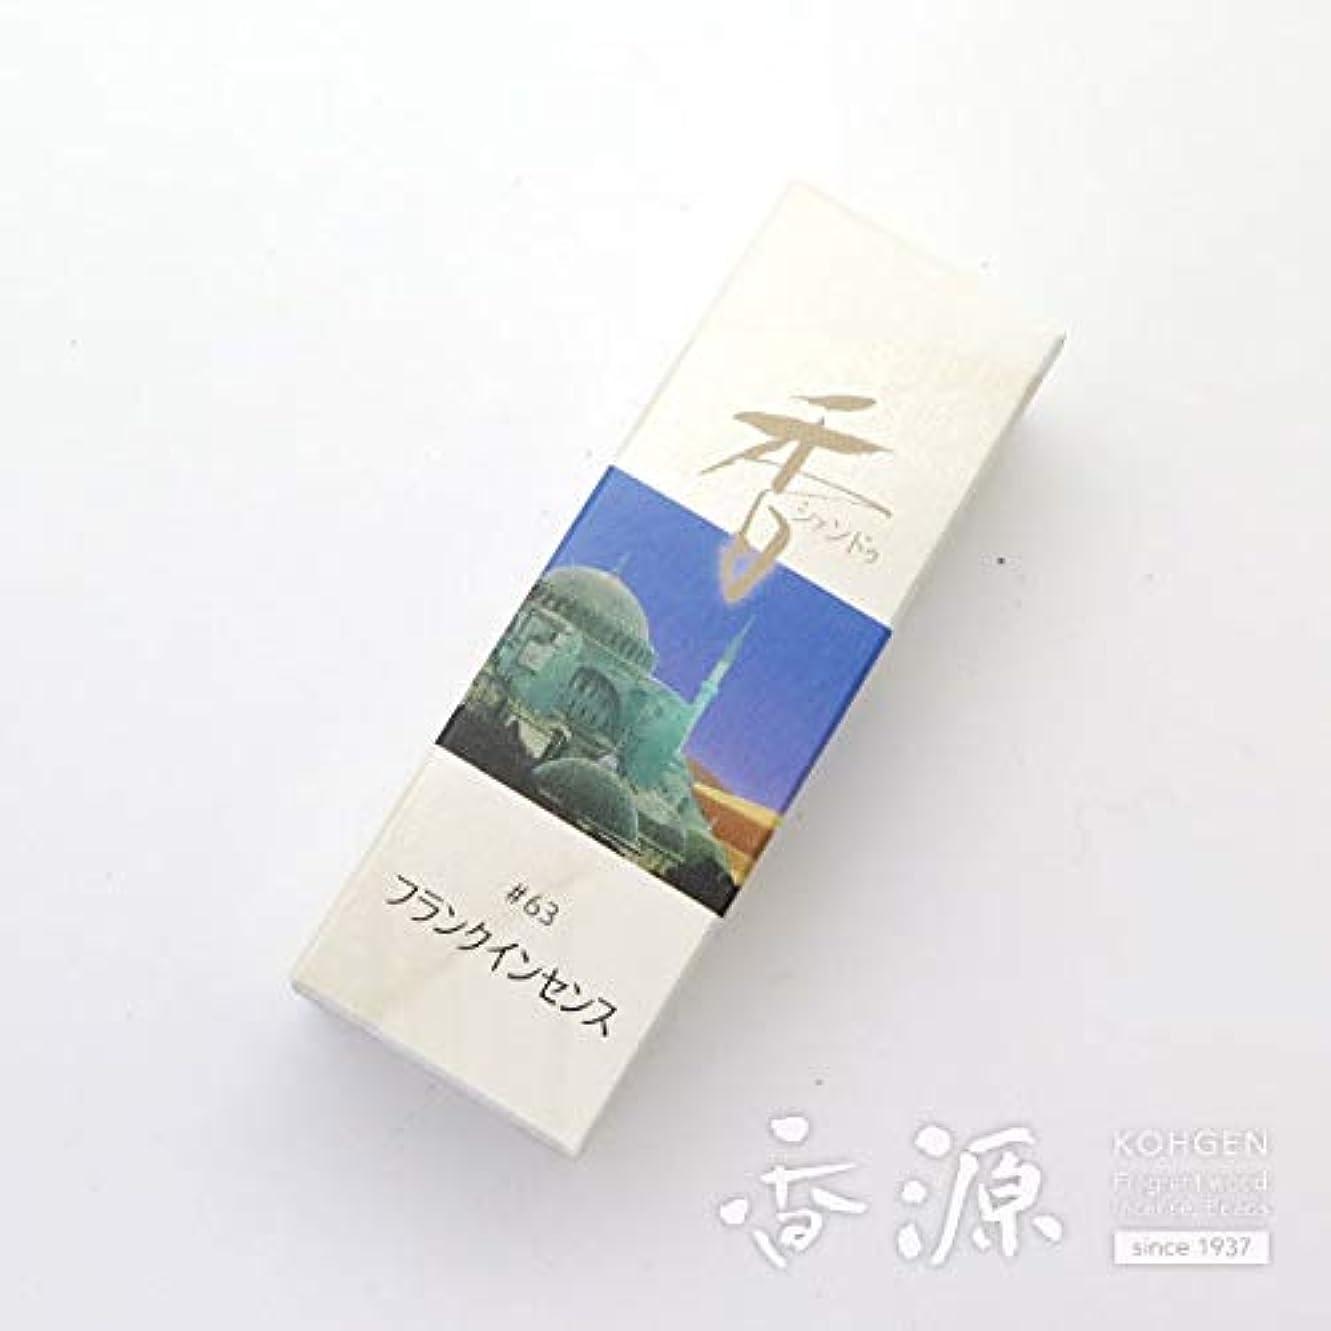 違反非常に怒っています行動Xiang Do(シャンドゥ) 松栄堂のお香 フランクインセンス ST20本入 簡易香立付 #214263